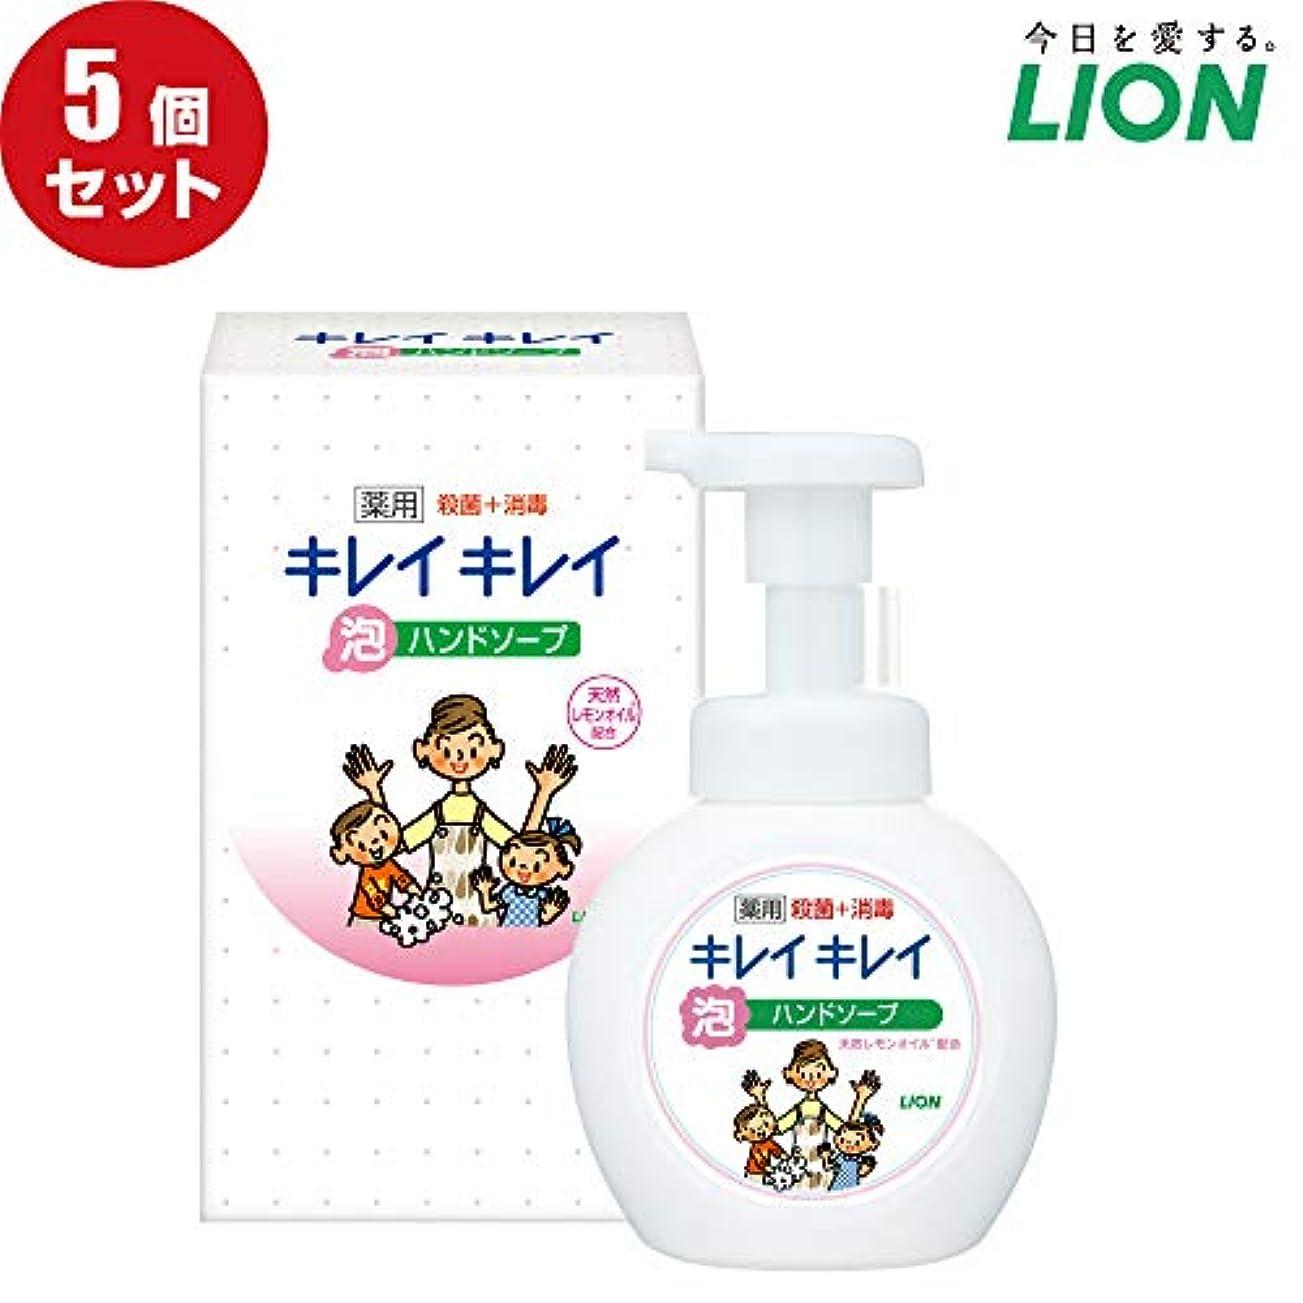 葬儀眩惑するながら【5個セット】LION キレイキレイ薬用泡ハンドソープ250ml ノベルティギフト用化粧箱入